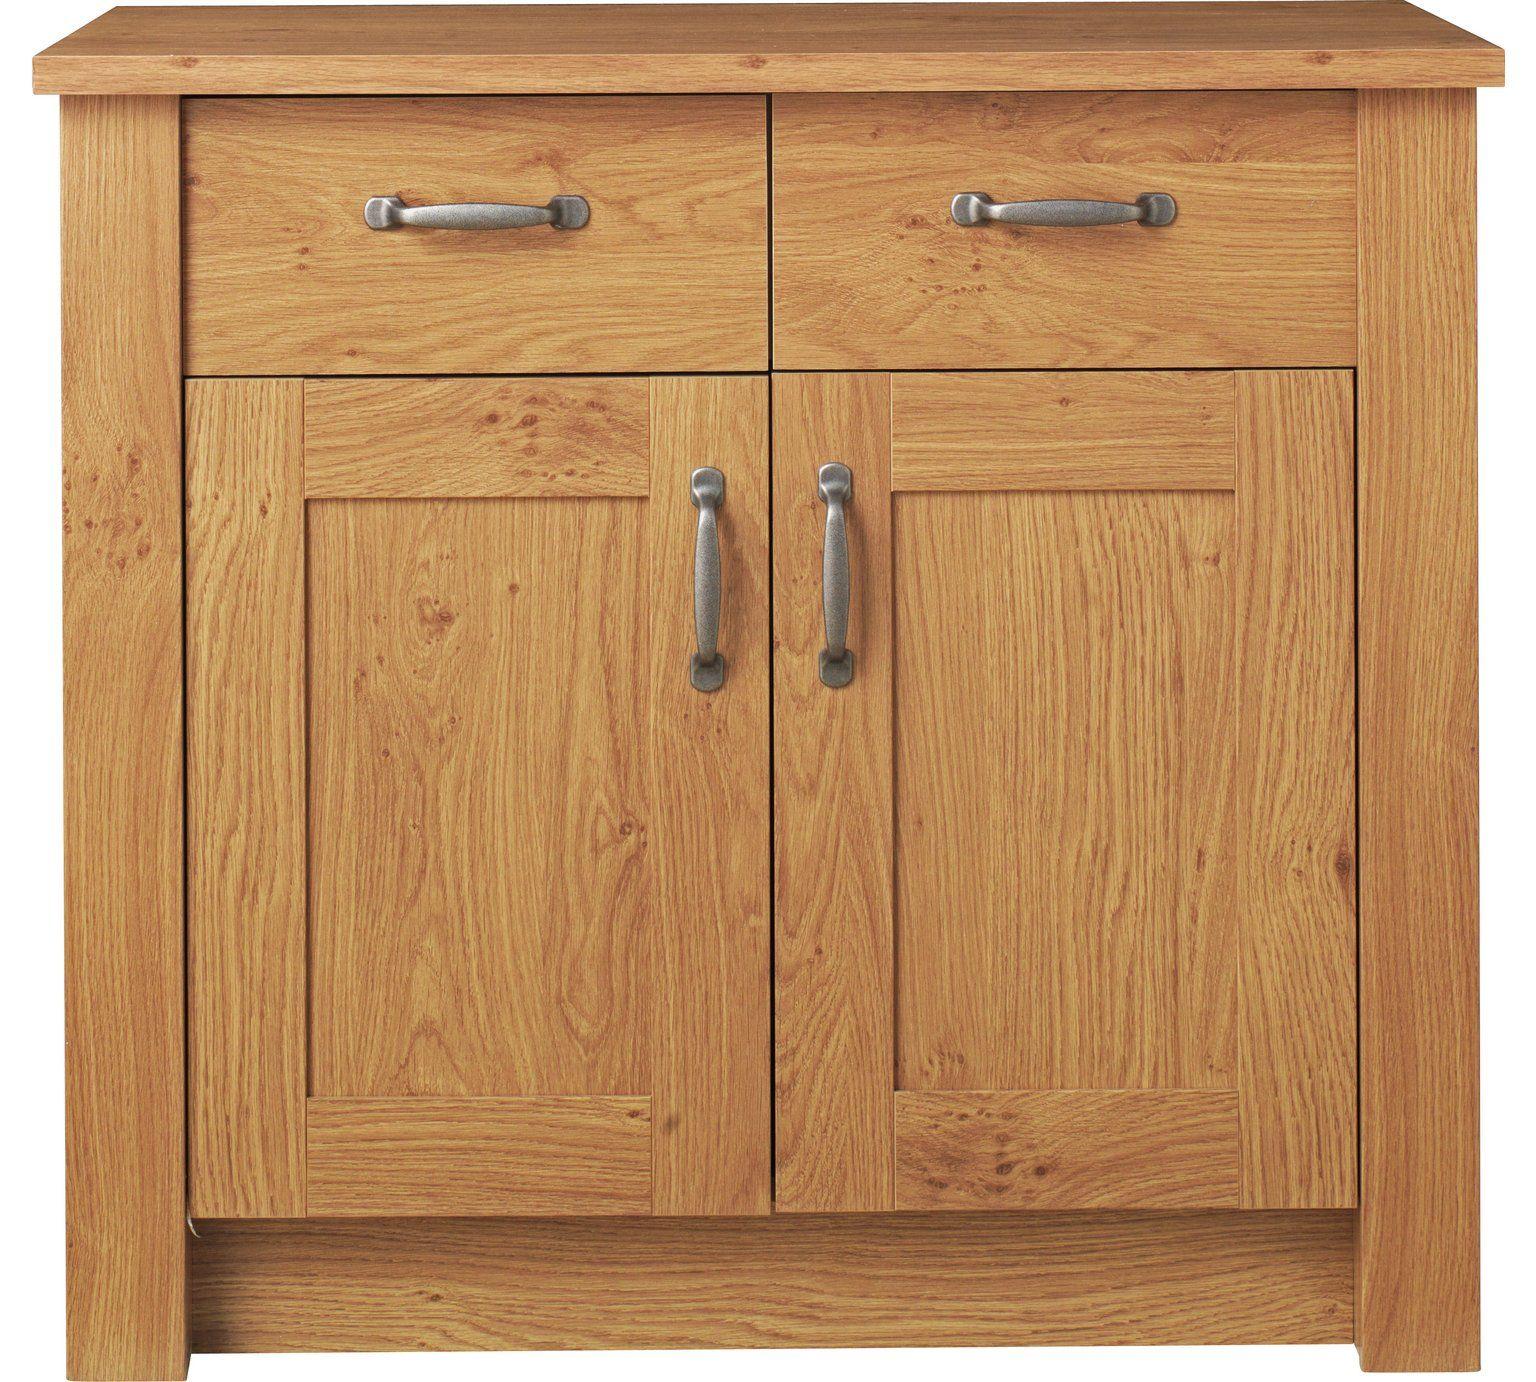 Buy Argos Home Ohio 2 Door 2 Drawer Sideboard Oak Effect Sideboards Argos Oak Sideboard Argos Home Home